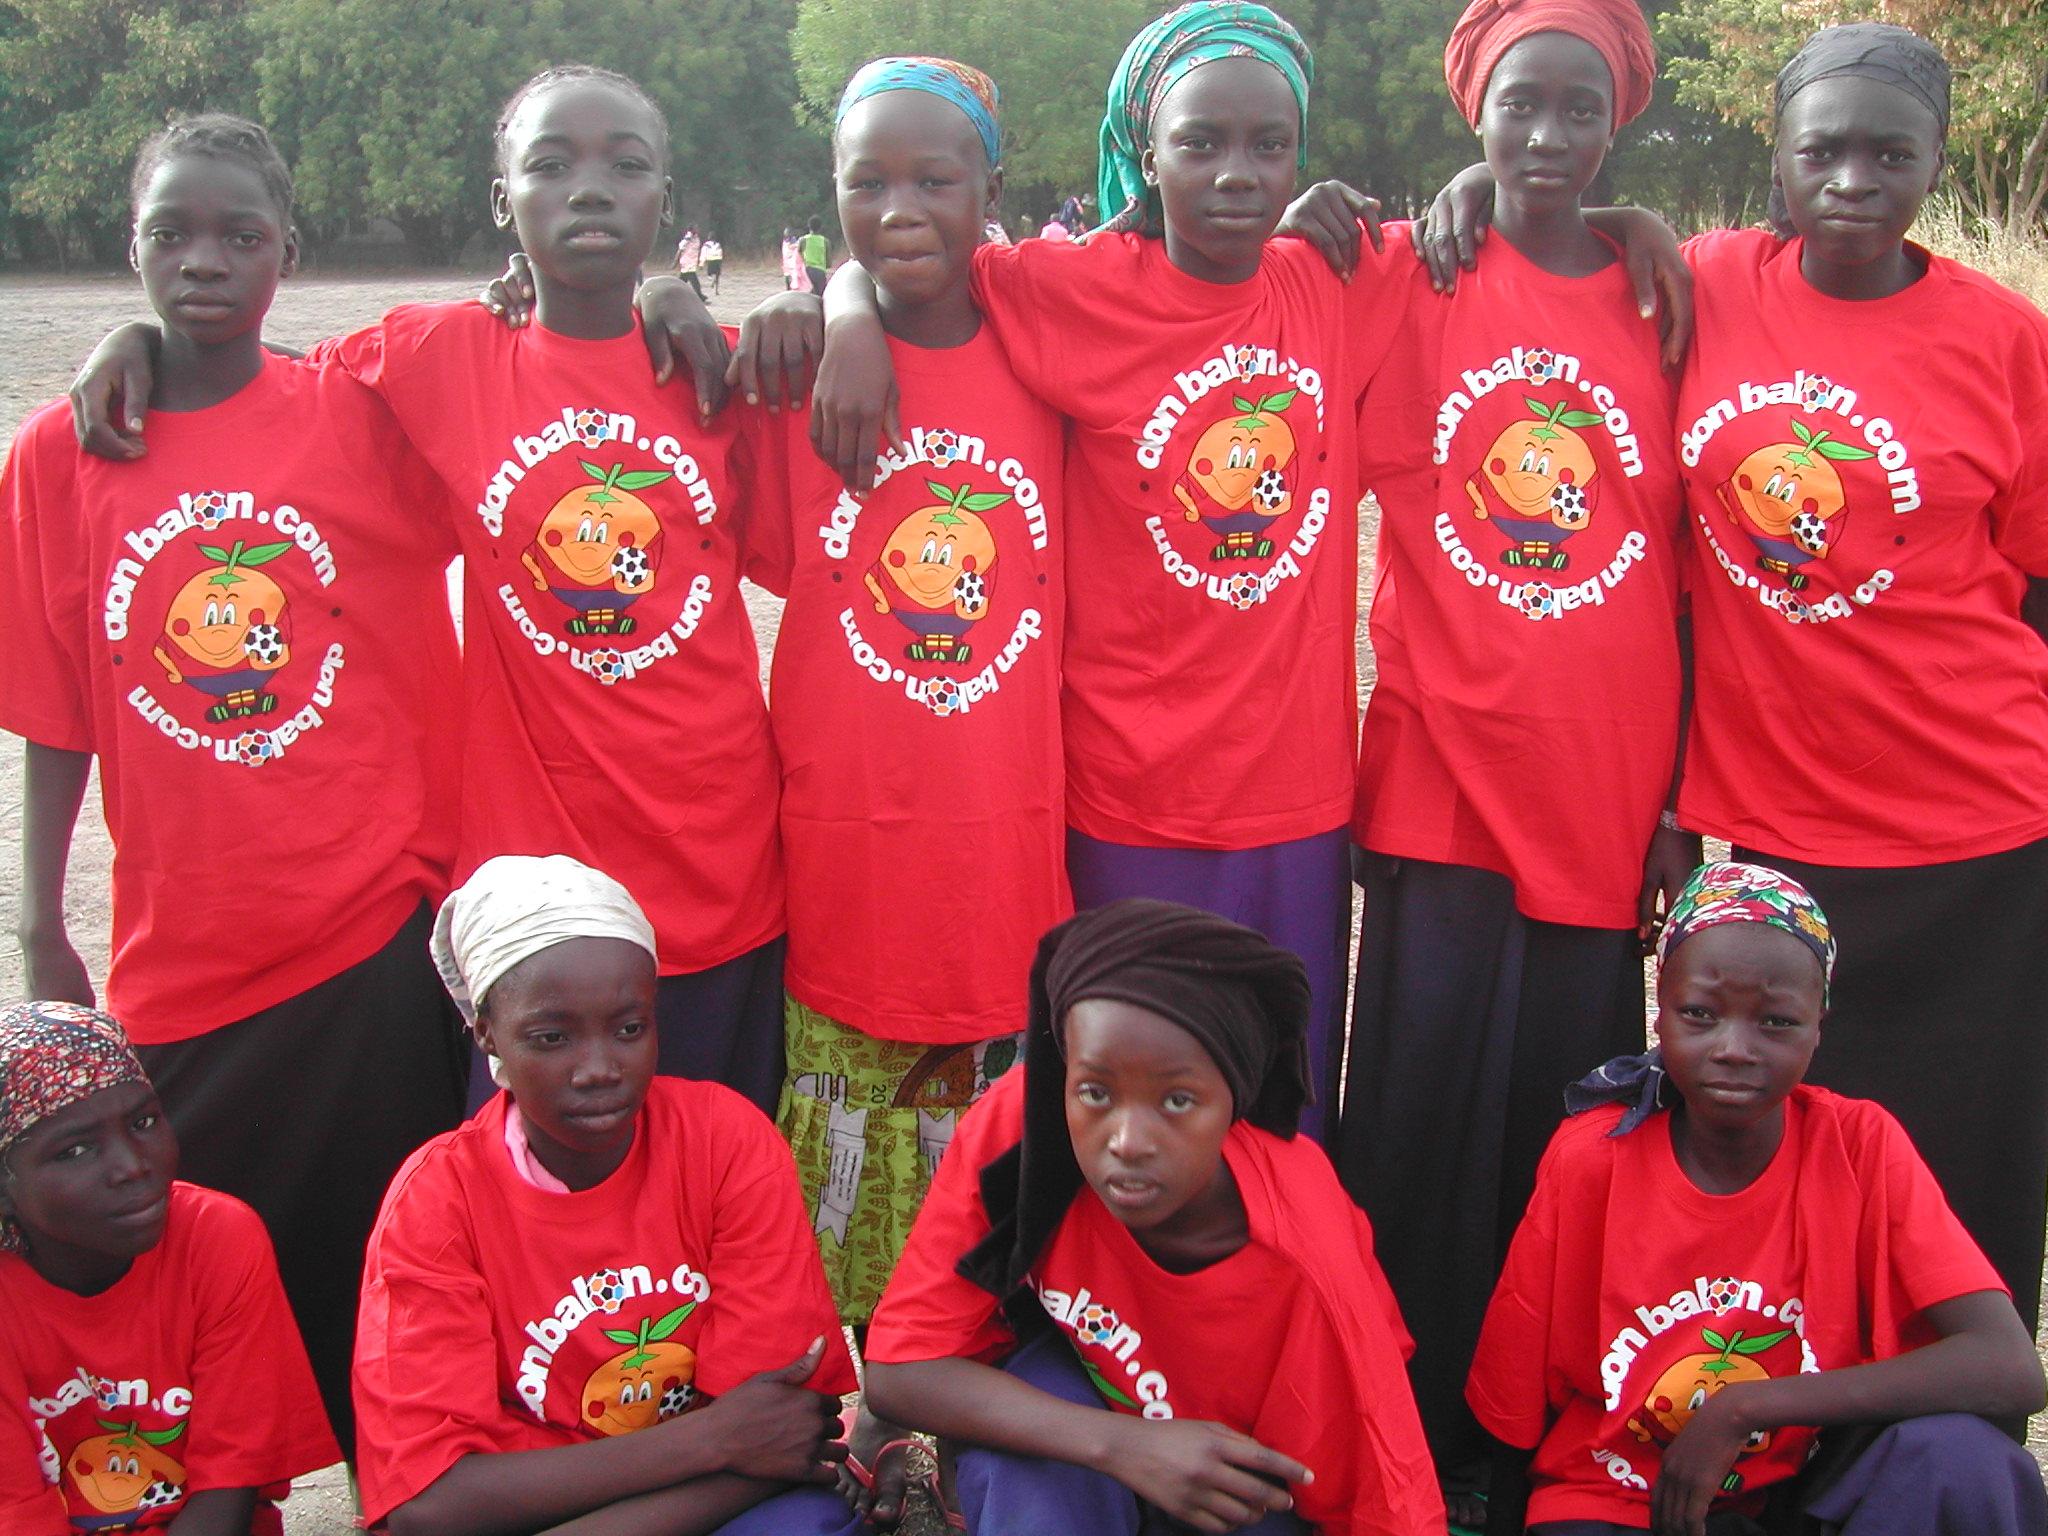 Donació de roba i calçat esportiu